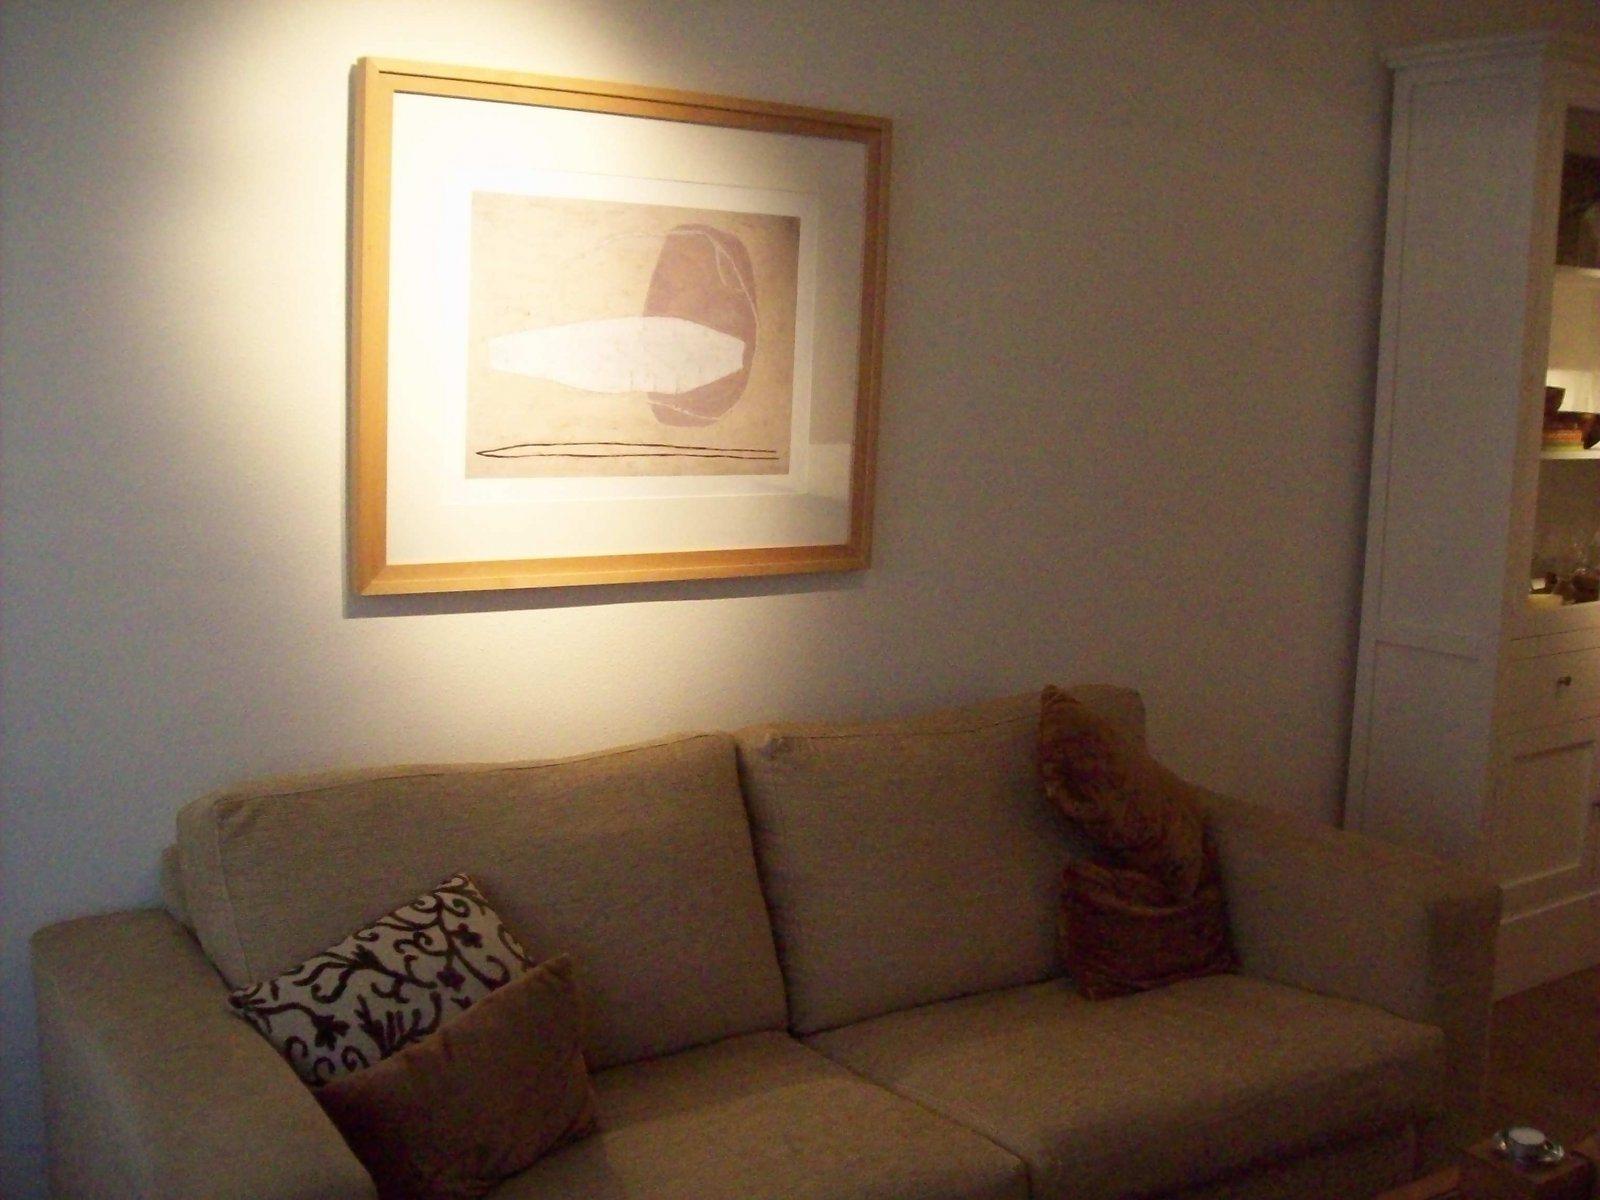 O Que É Uma Sala De Estar ~ Imagens de um projeto de decoração numa sala de estar